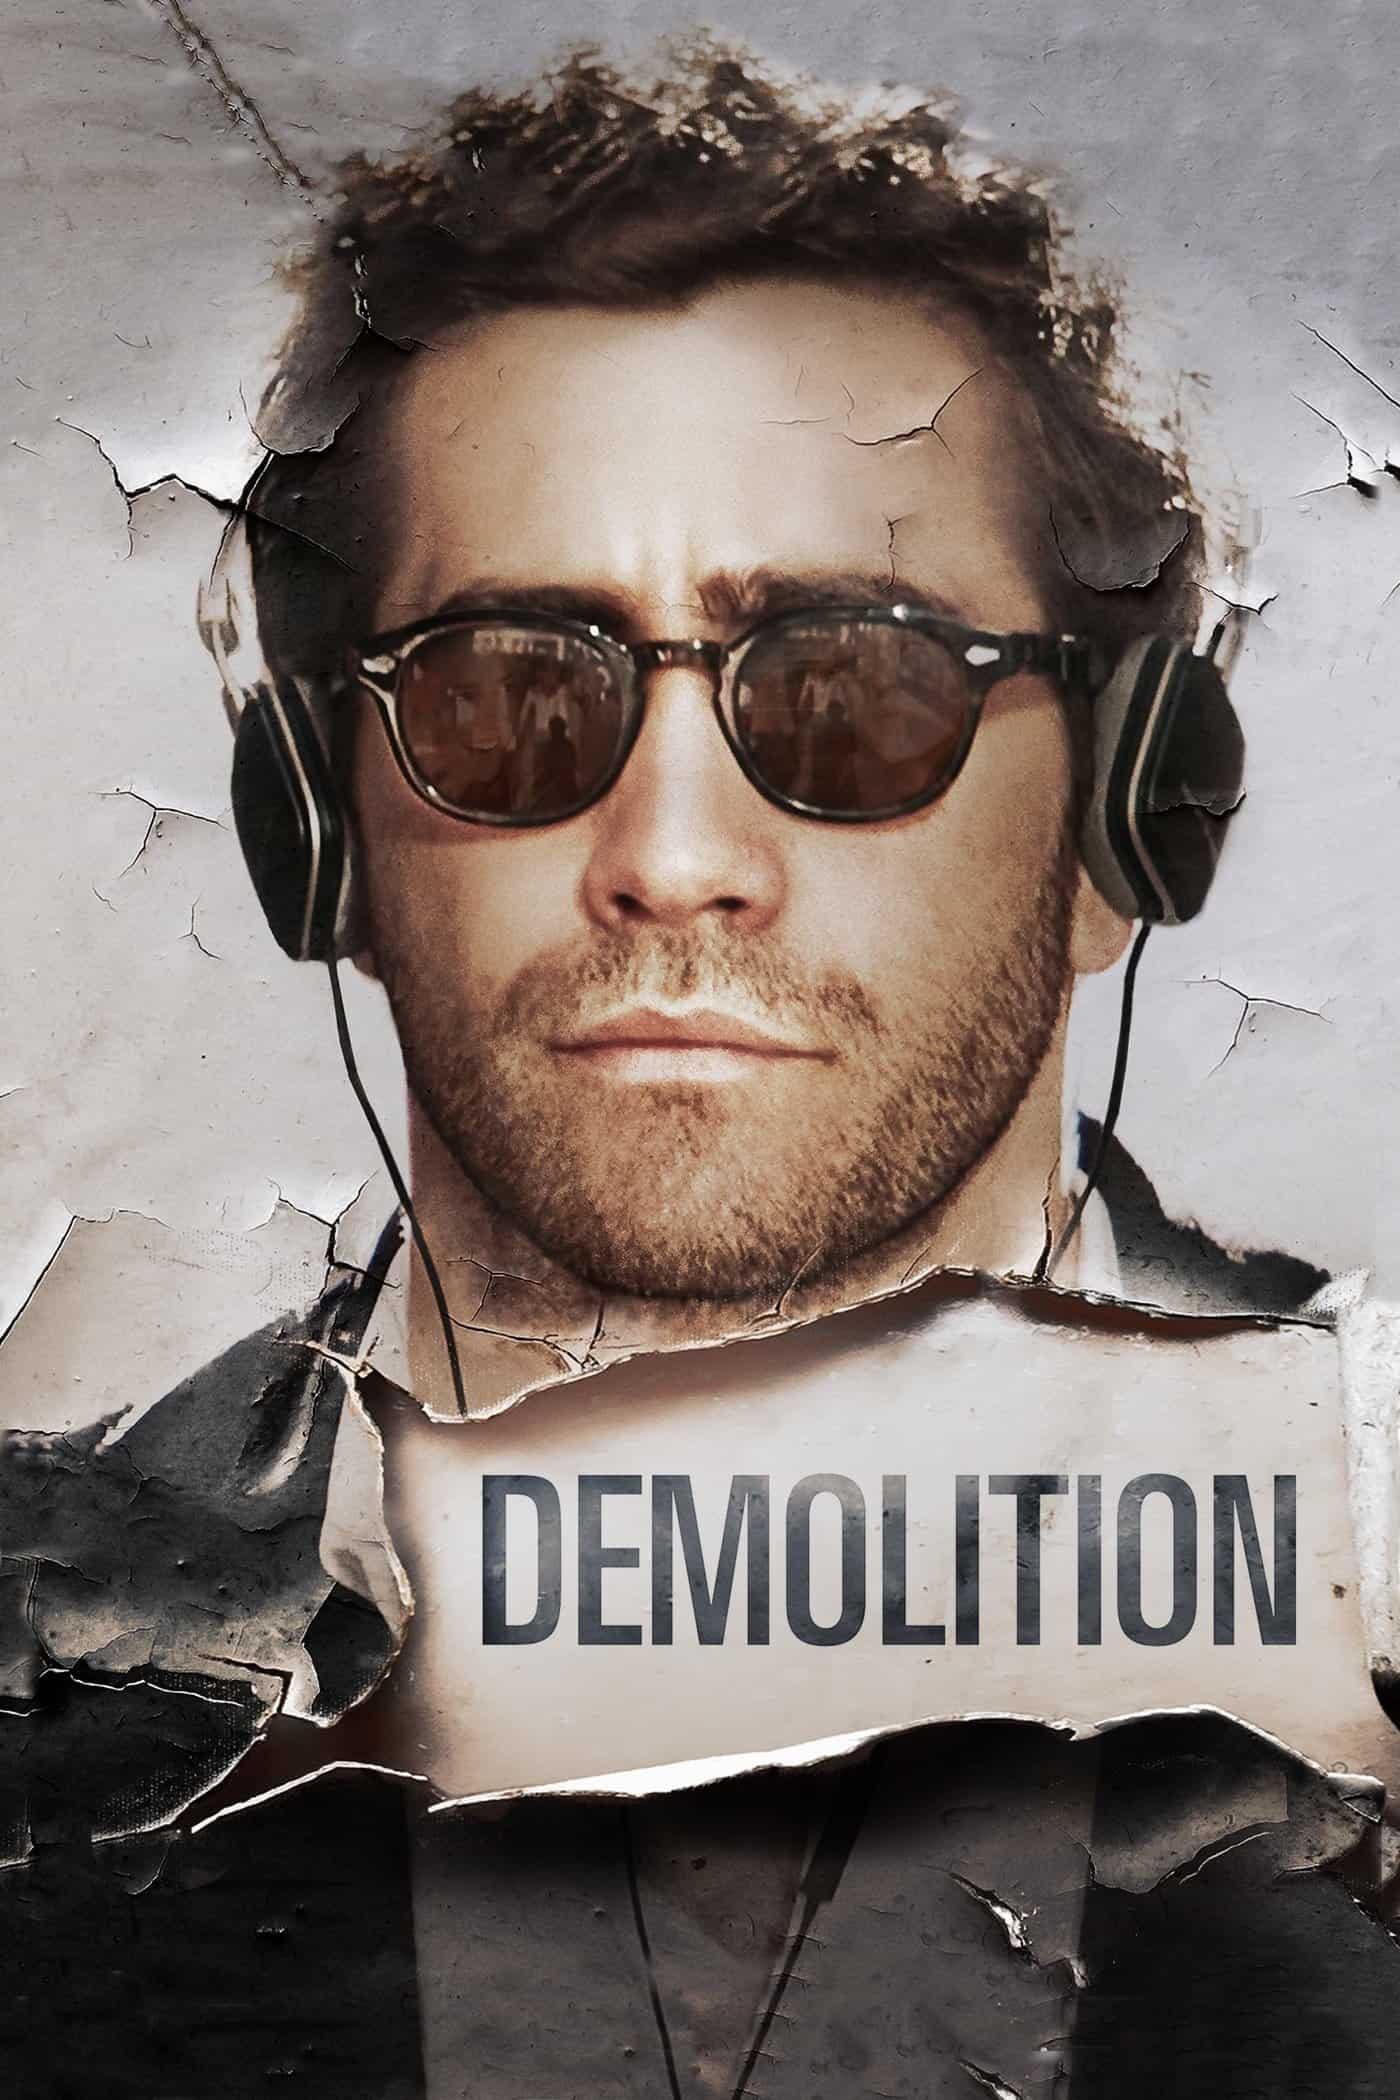 Demolition, 2015